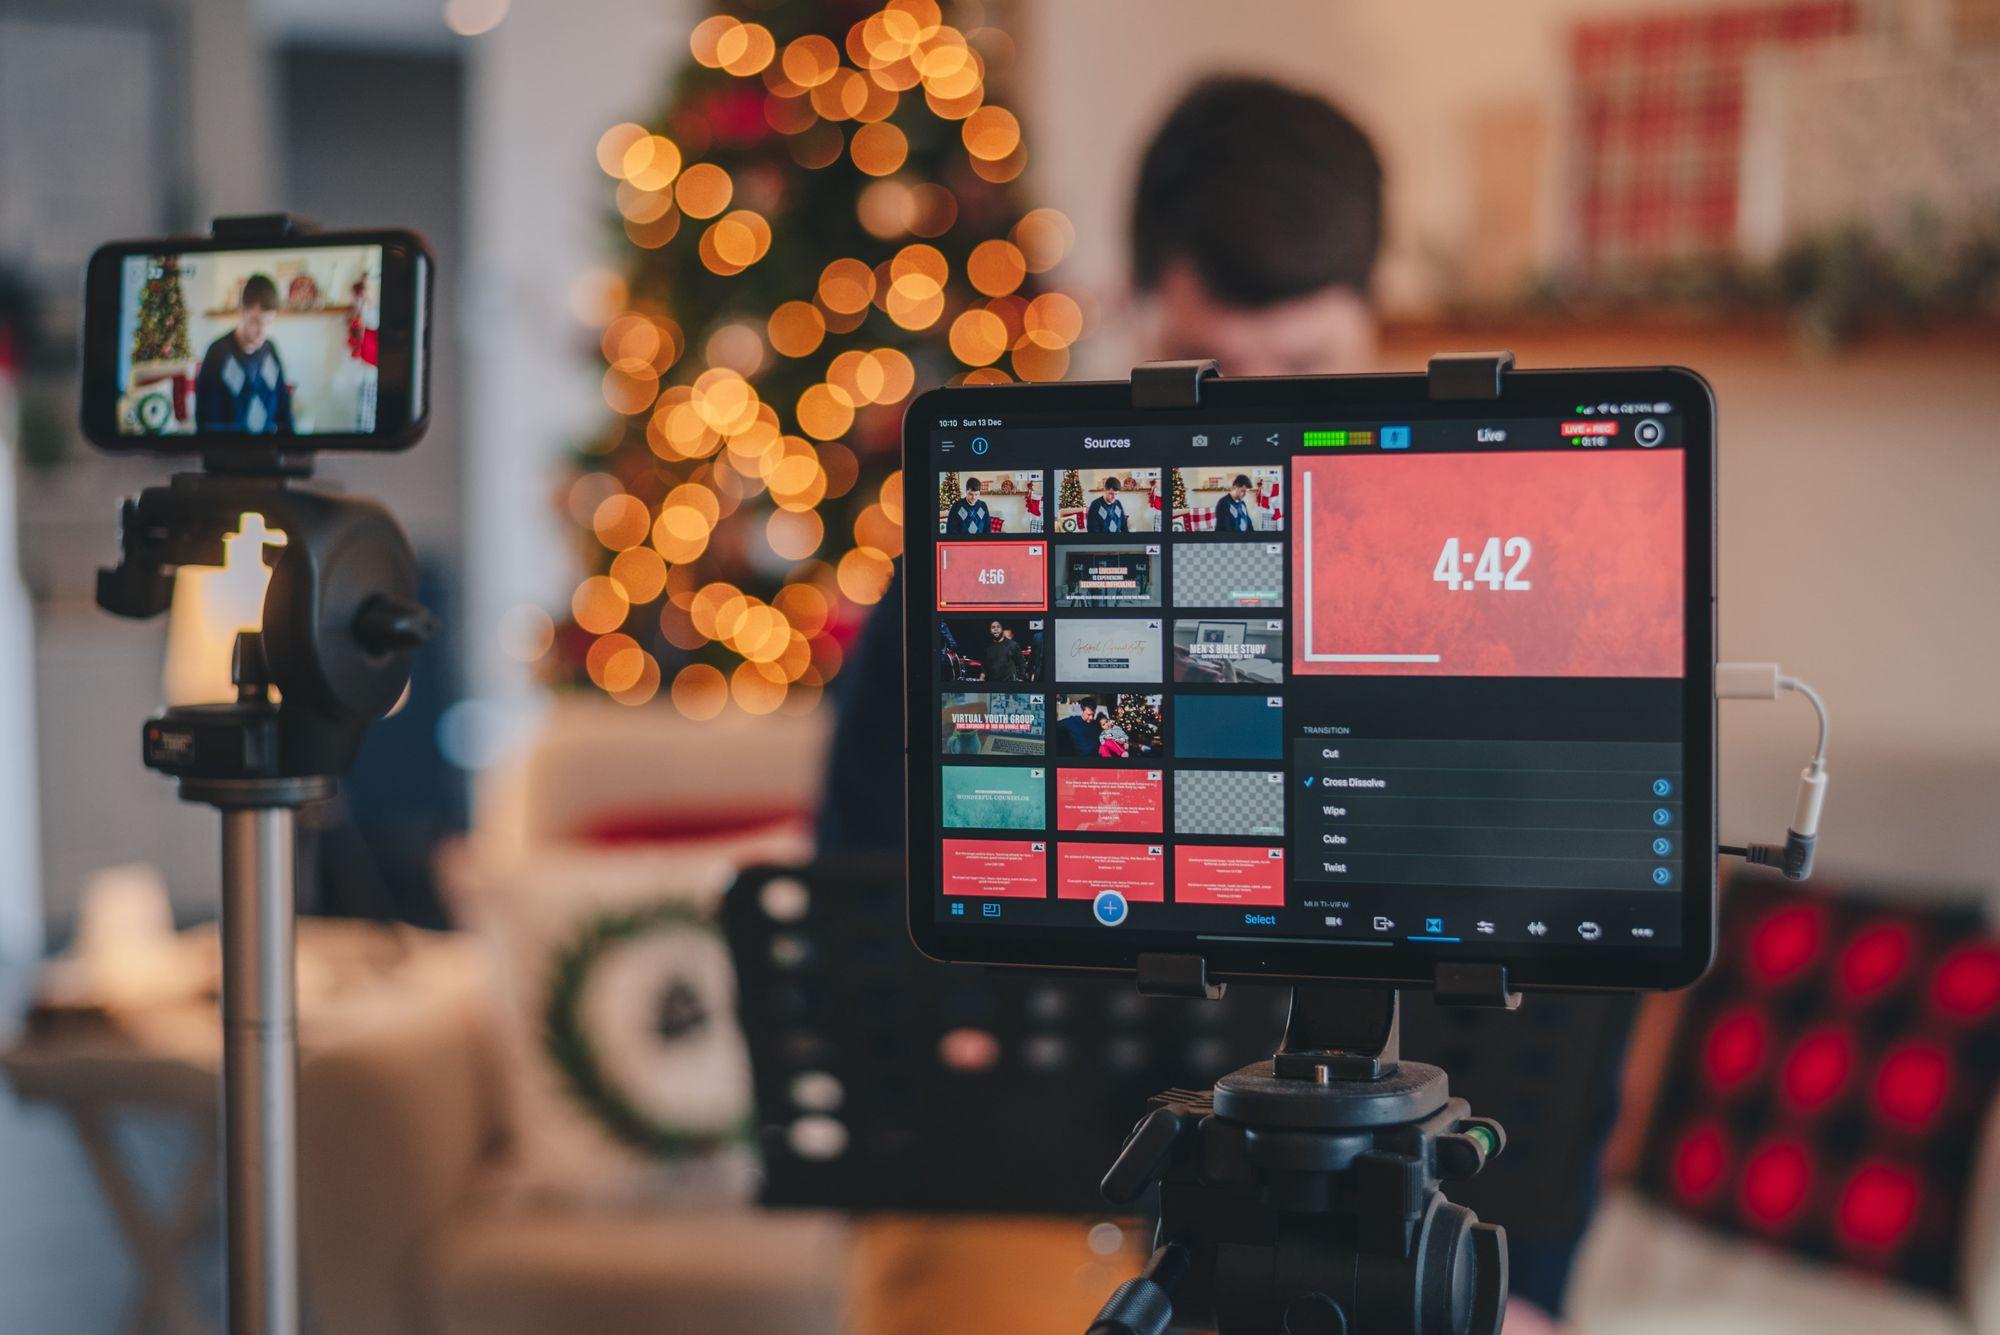 live-stream-of-man-christmas